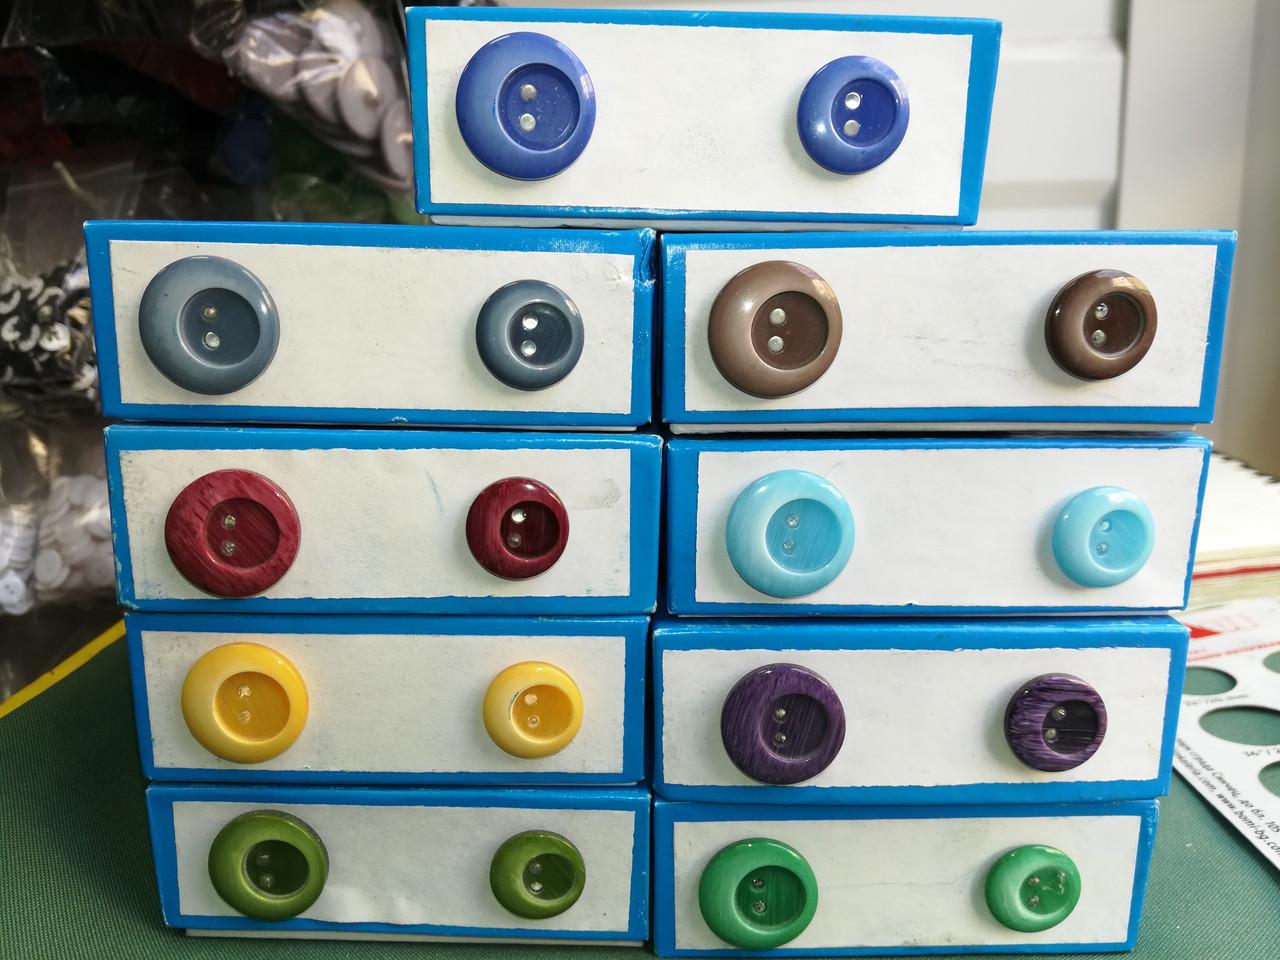 Пуговица PG729 в 2-х размерах (разные цвета)